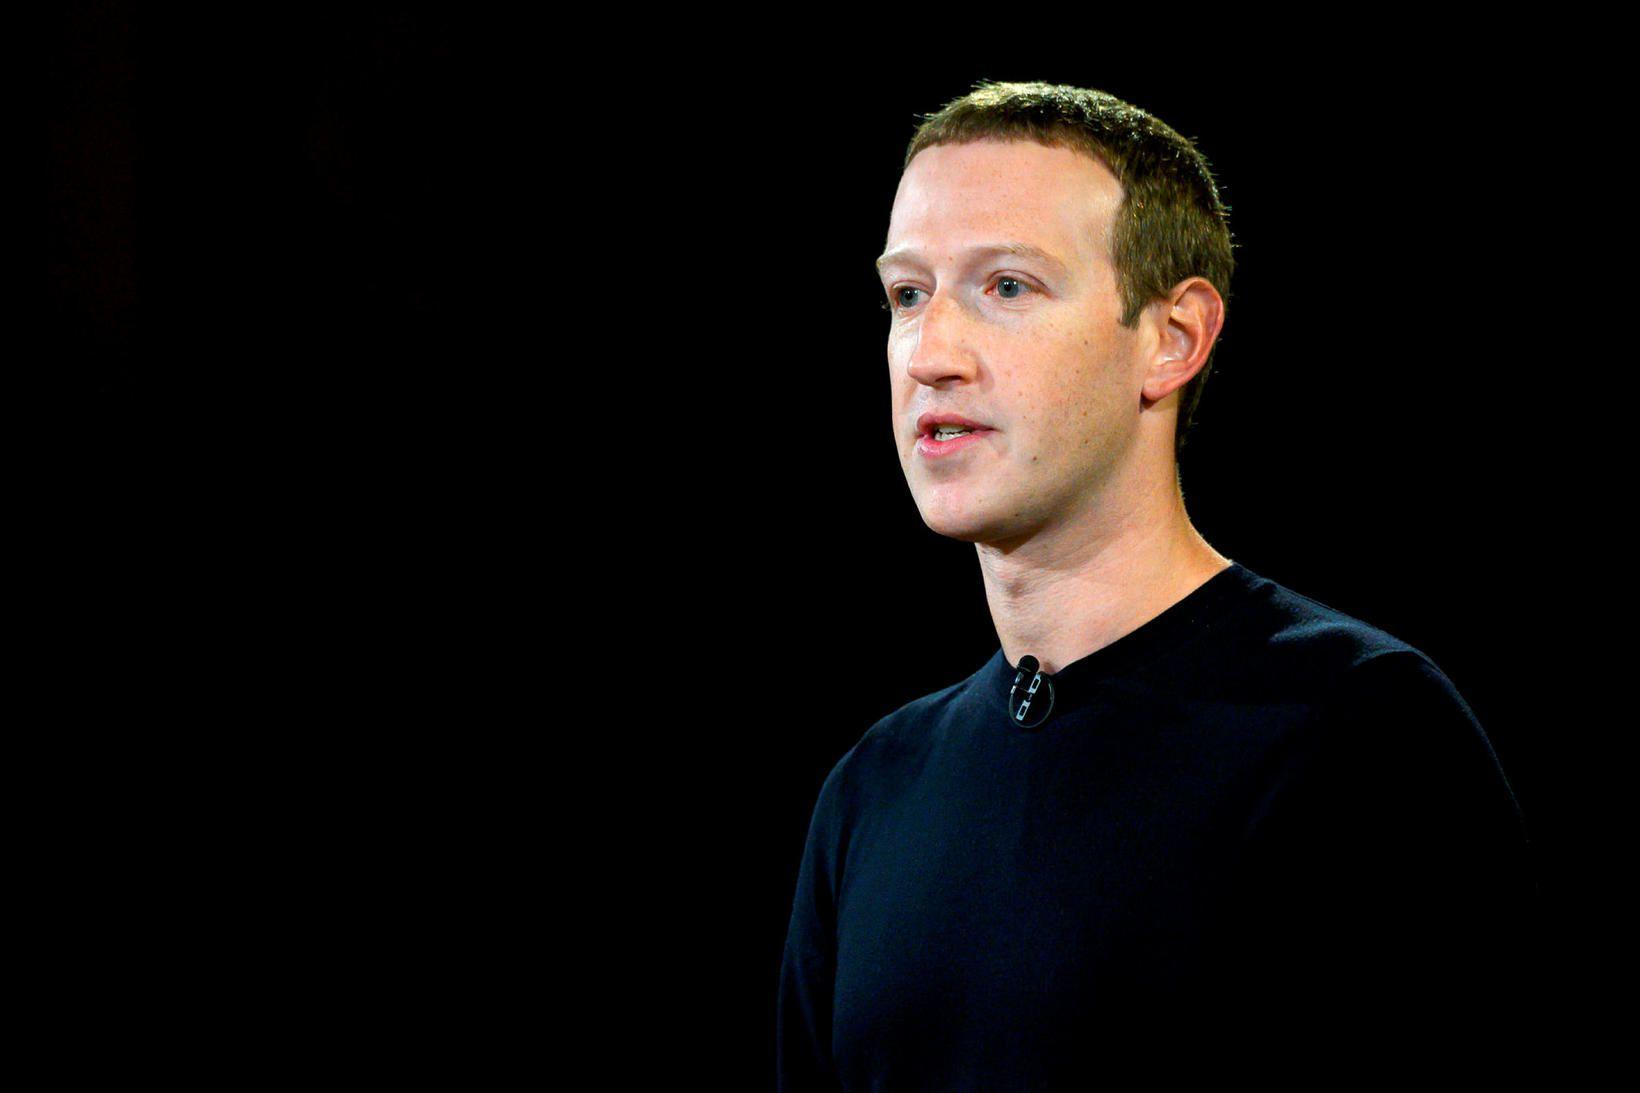 Mark Zuckerberg, framkvæmdastjóri Facebook, hefur verið harðlega gagnrýndur fyrir að …